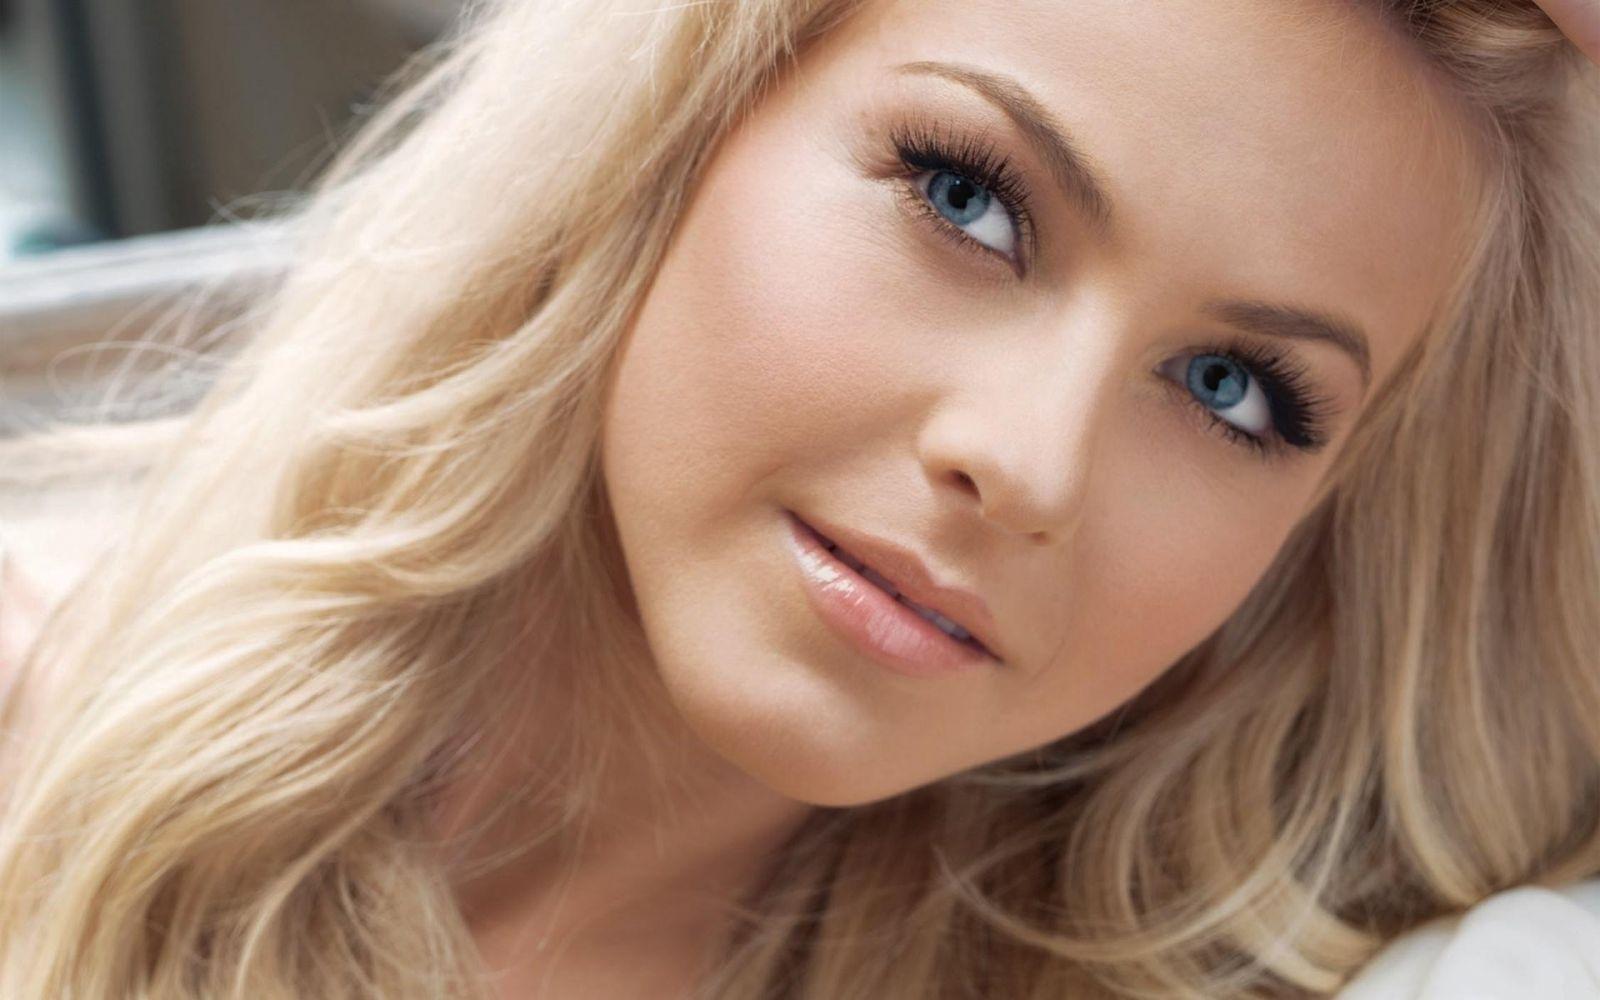 Какой цвет покрасить брови. Как подобрать цвет бровей для блондинок: полезные советы от стилистов и визажистов. По цвету глаз.